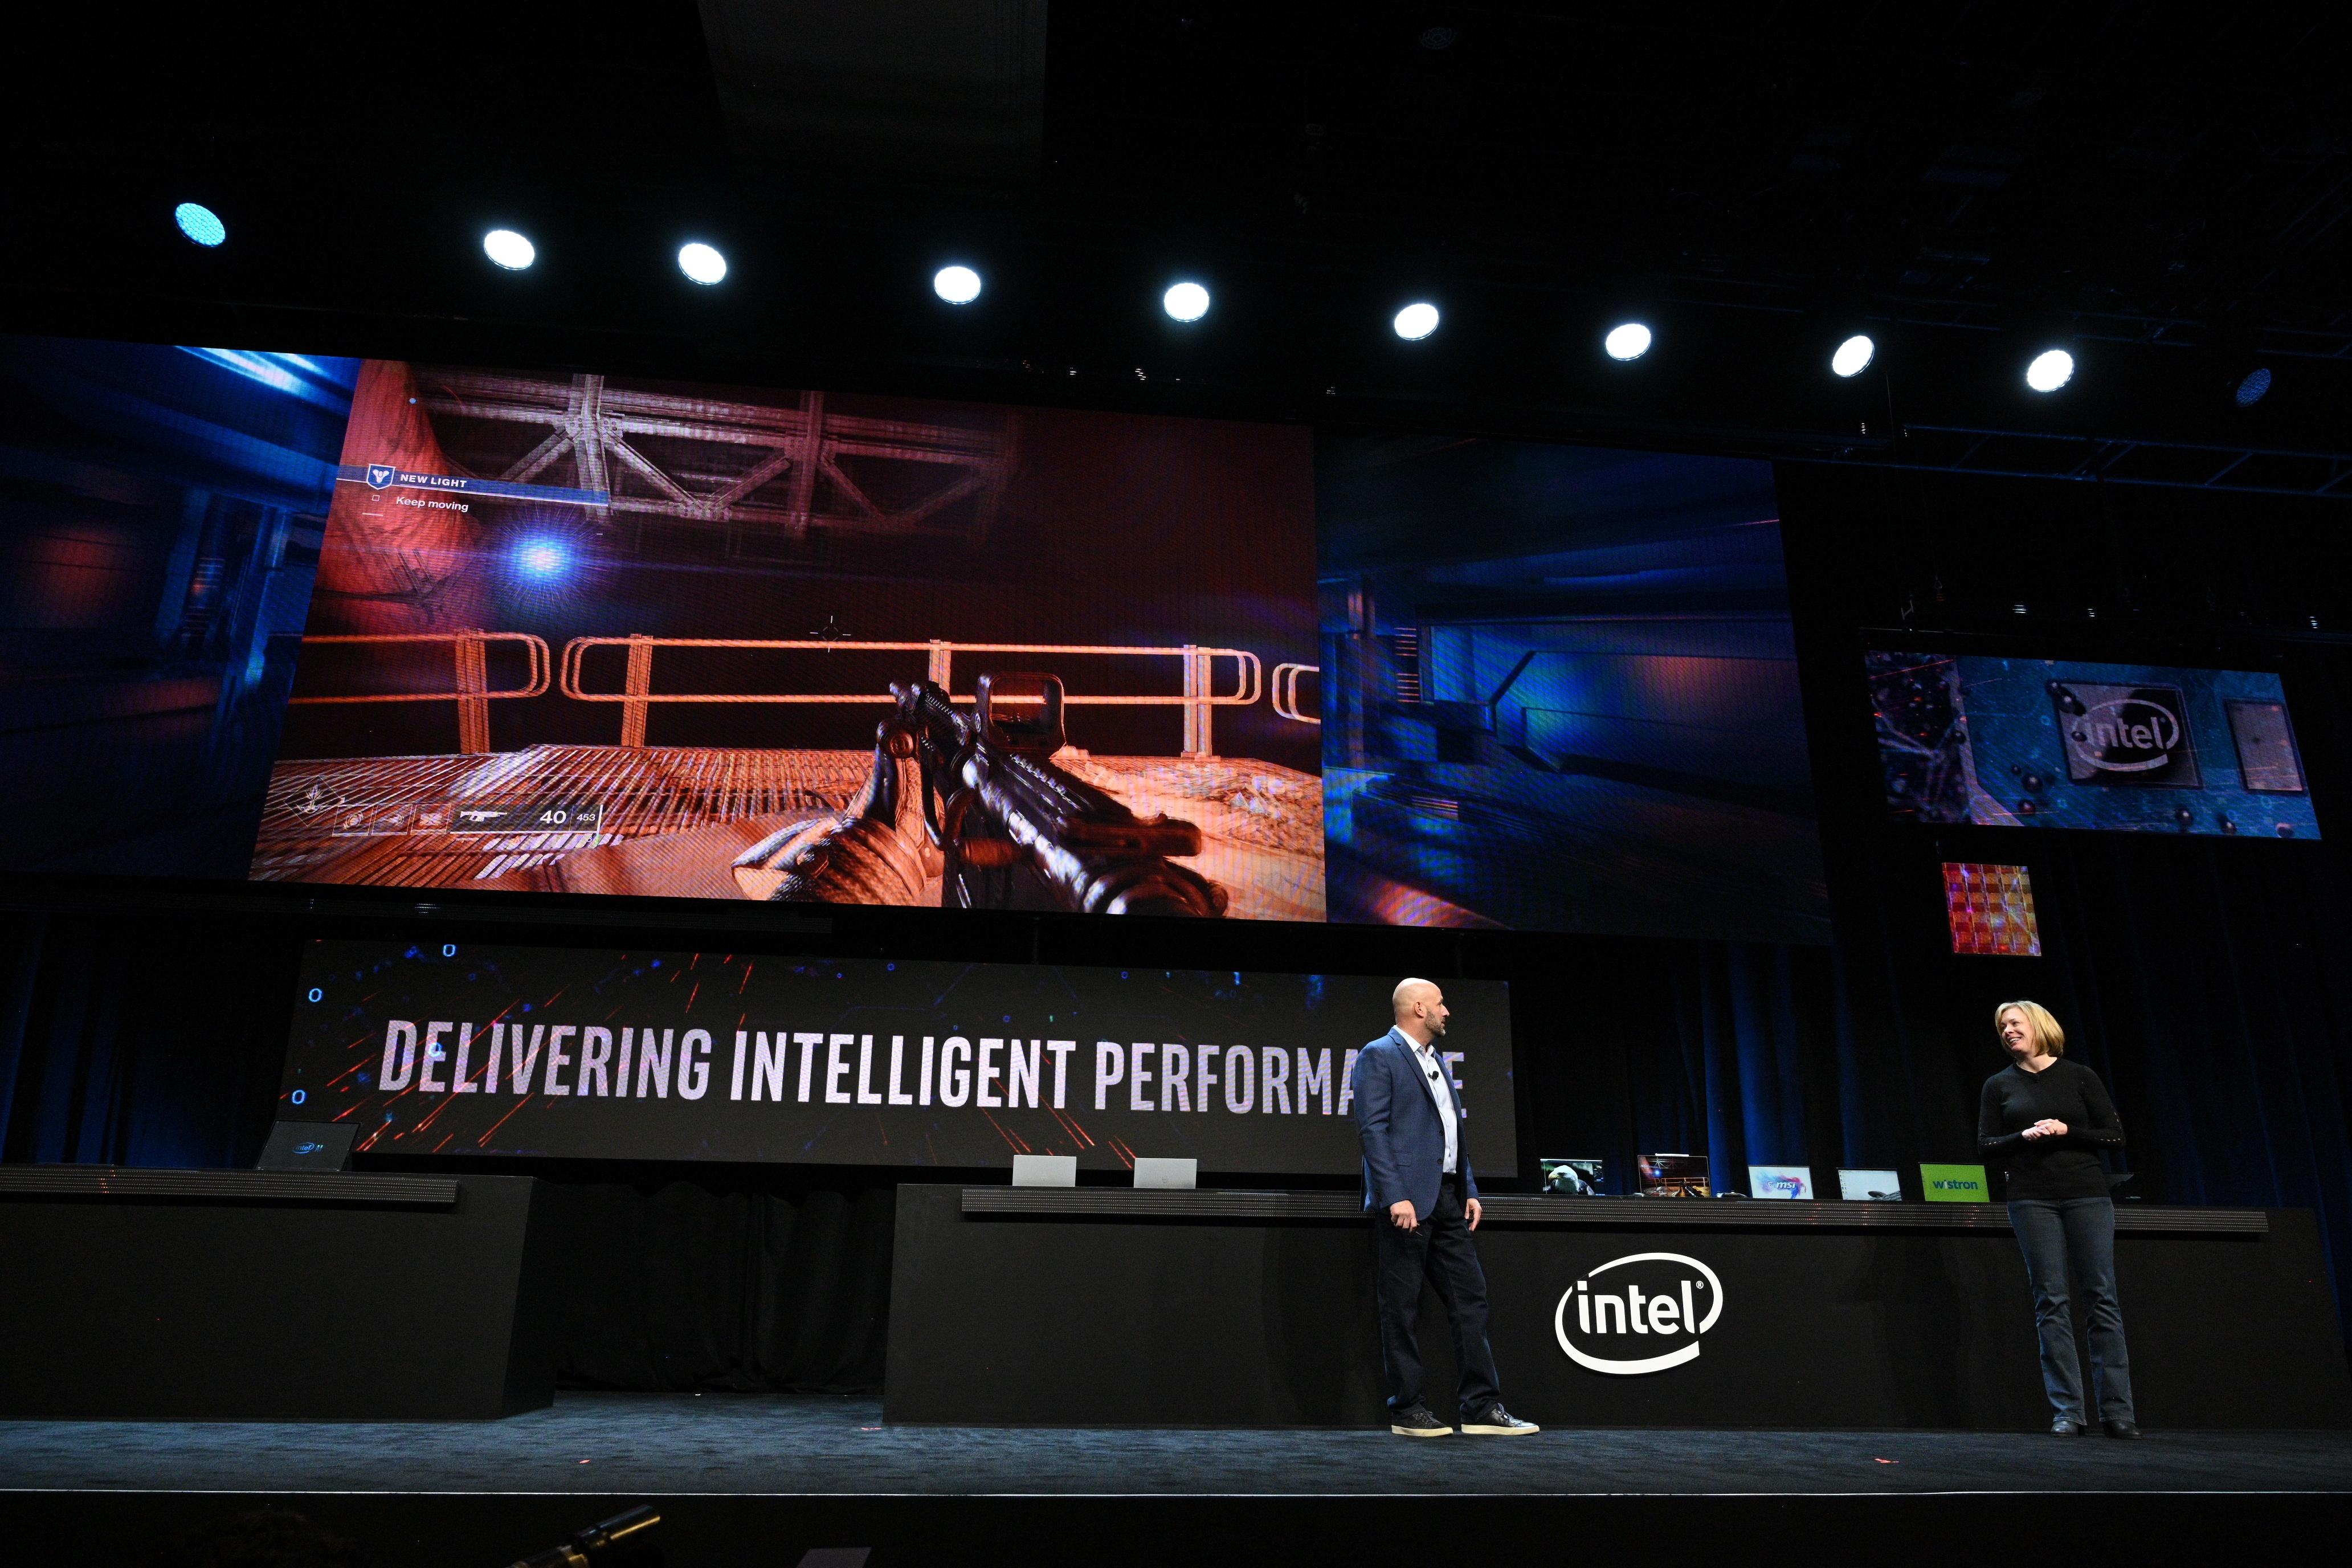 Intel-2020-DG1-Pearce-Bryant